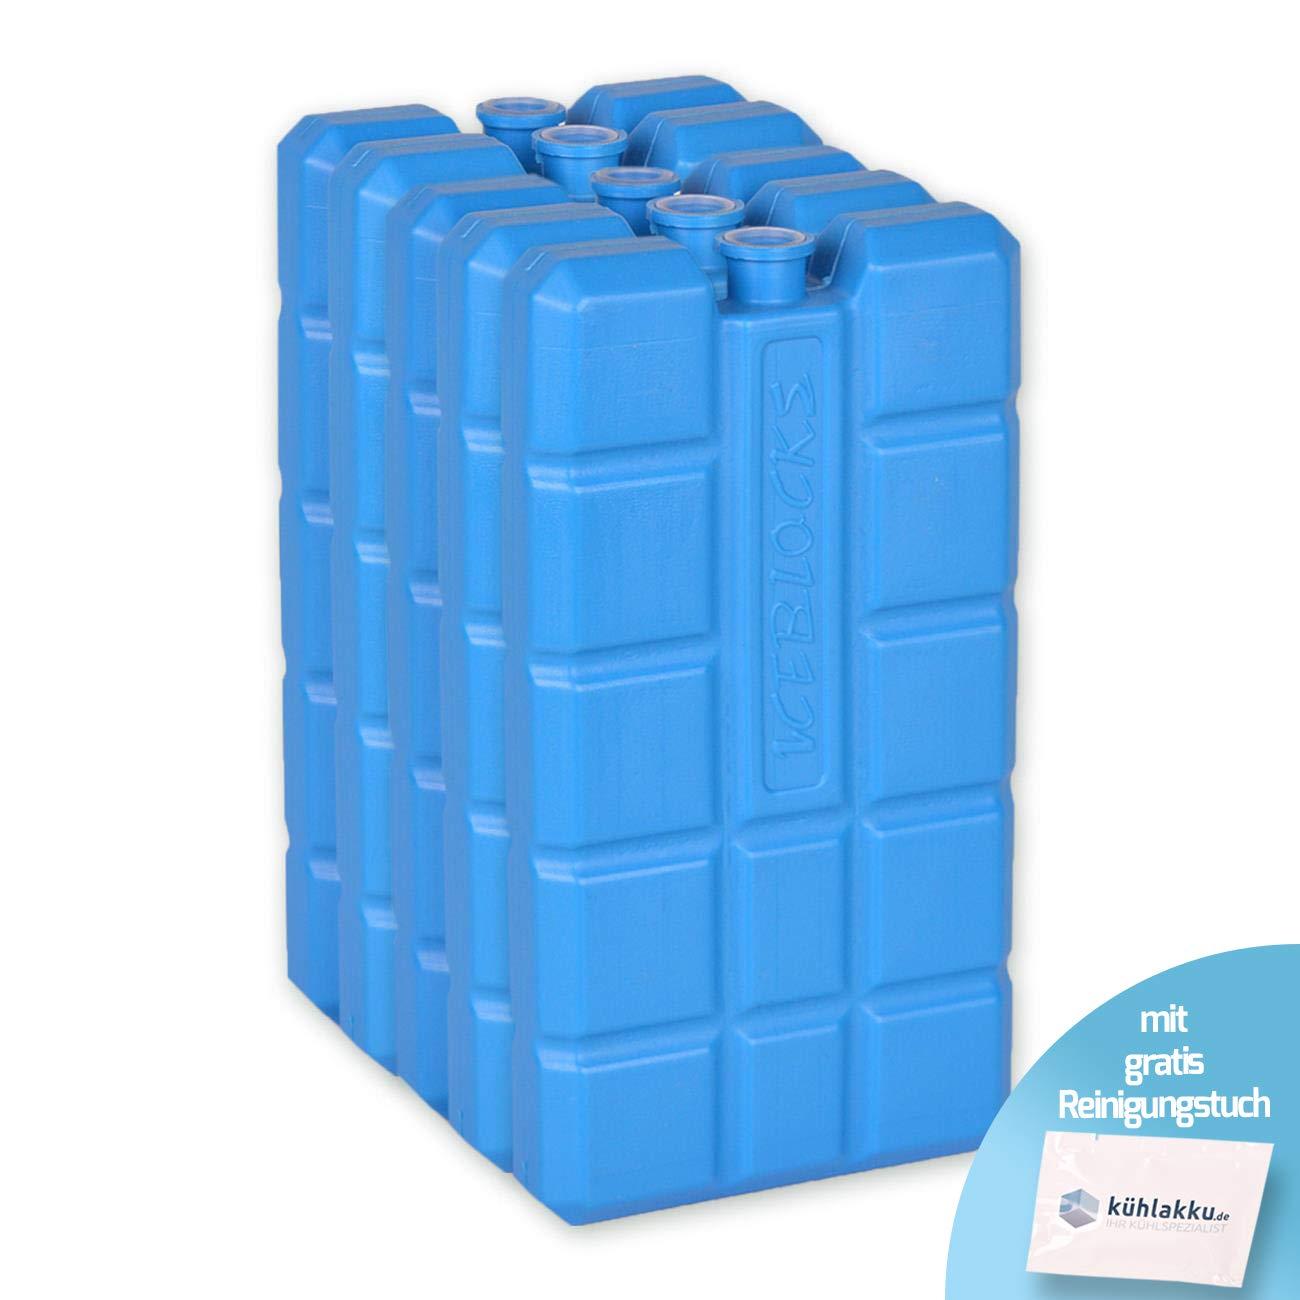 K/ühlakku 5er Pack 5 x 200g Iceblock K/ühlakkus f/ür K/ühltaschen oder K/ühlboxen blau mit gratis K/ühlakku Reinigungstuch 24h K/ühlleistung